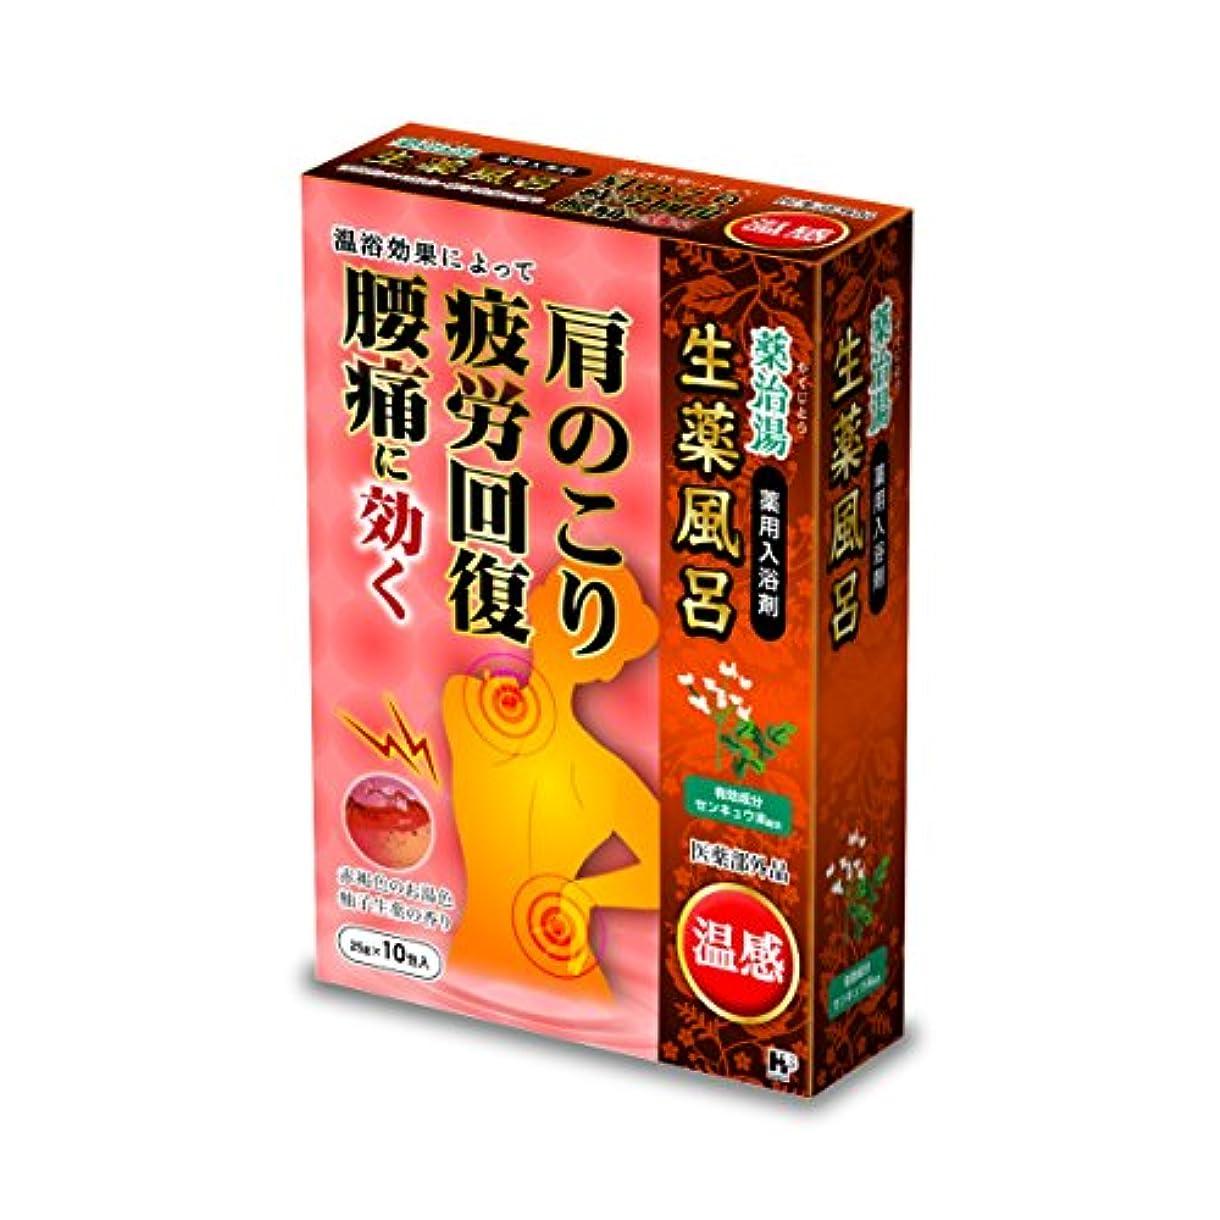 肉屋迷路角度薬治湯温感 柚子生薬の香り